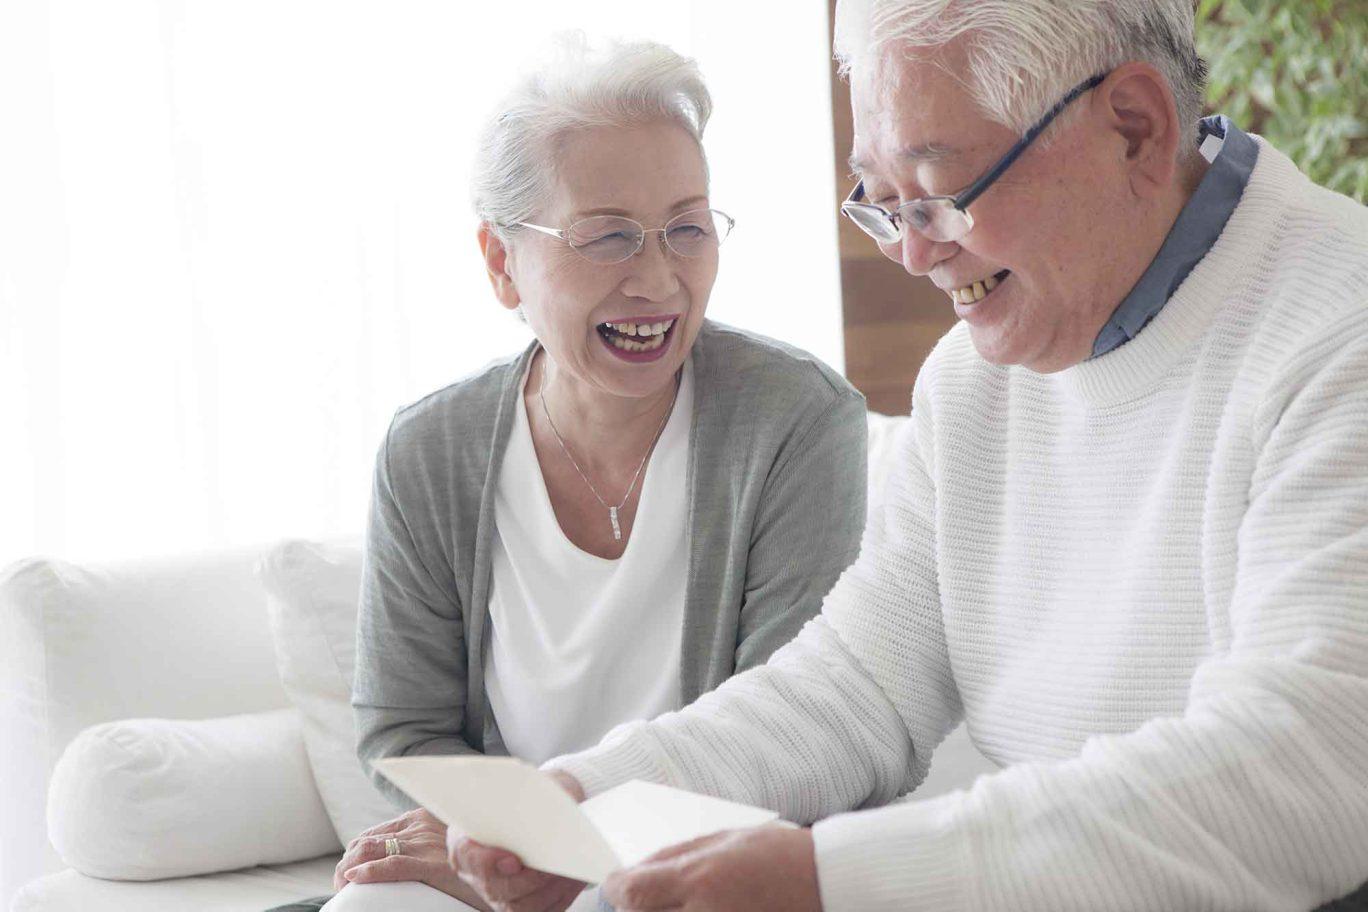 厚生年金の受給資格期間は何年? 年金を受け取るための要件を確認しよう!